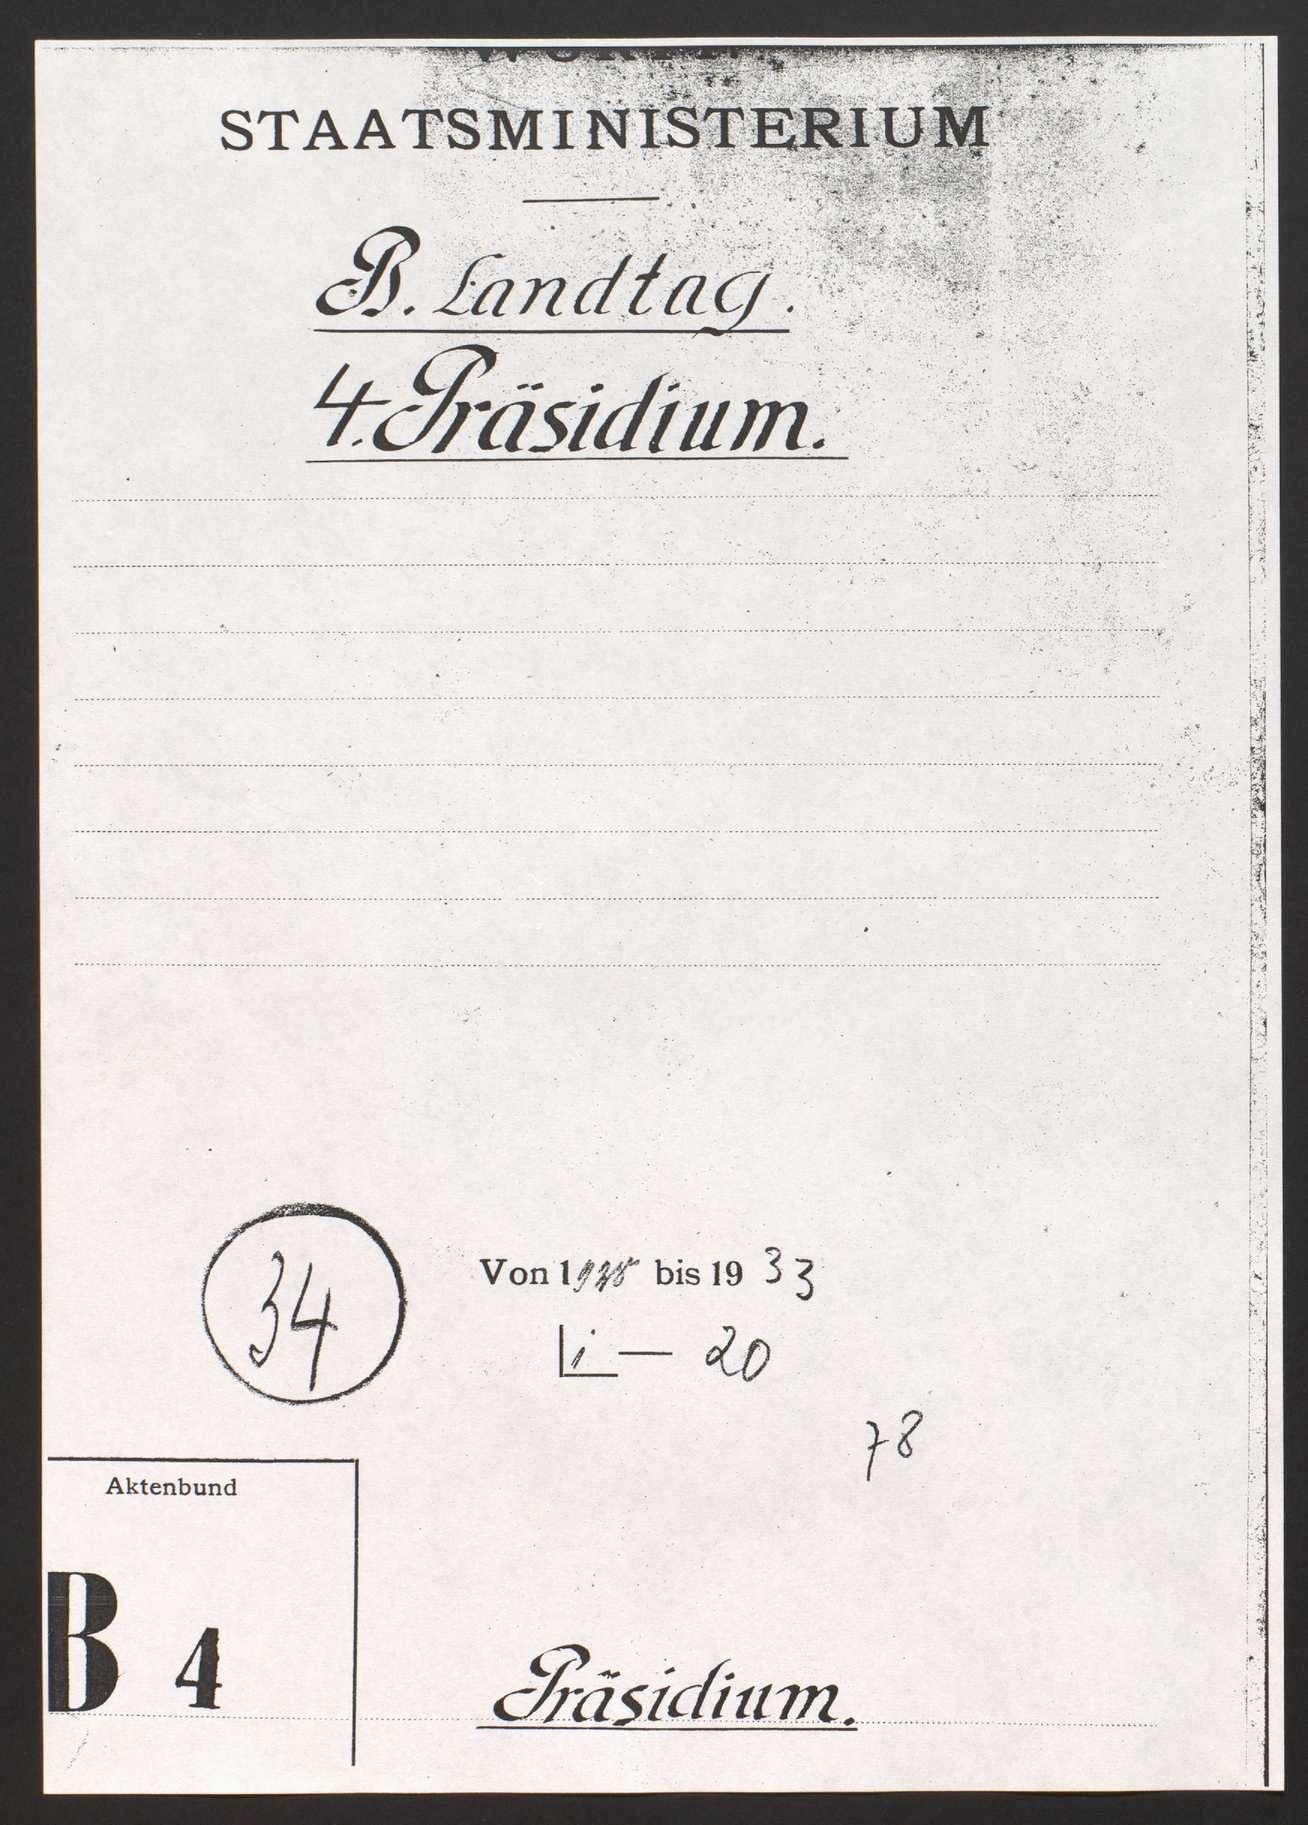 Präsidium, Wahl des Landtagspräsidenten, des Vizepräsidenten und der Schriftführer, Bild 1